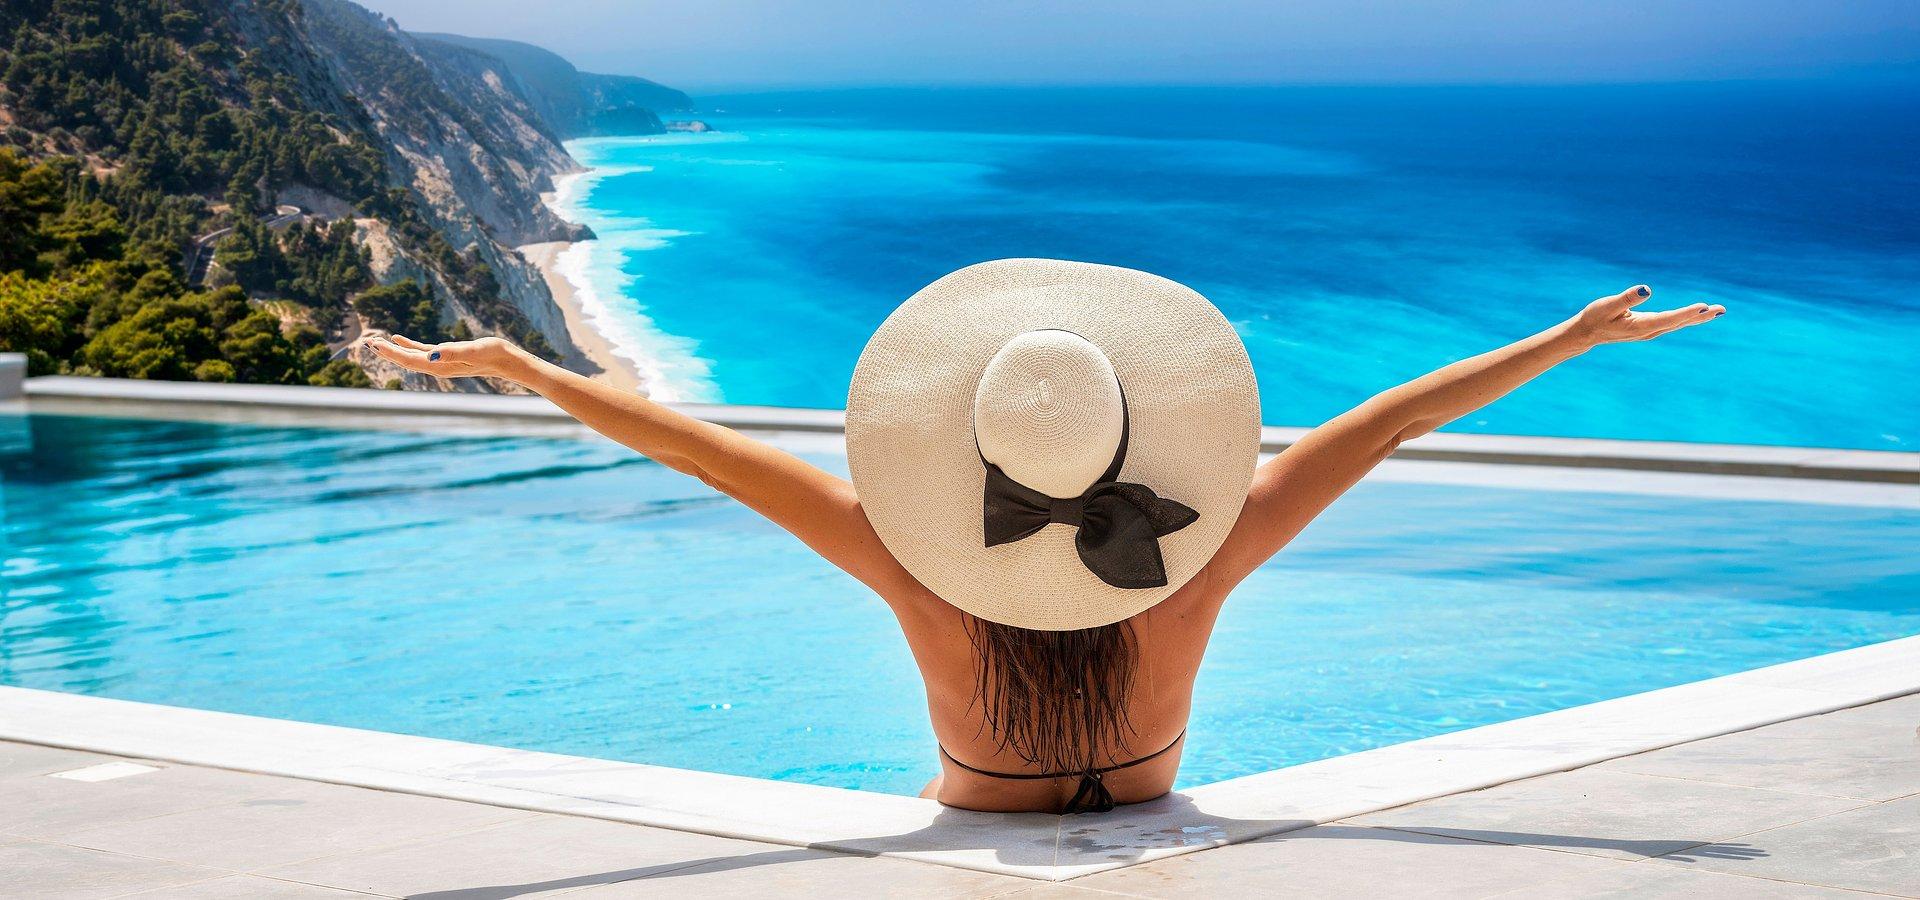 Zagraniczne wakacje w sierpniu – możliwości jest wiele, a miejsca rozchodzą się jak świeże bułeczki